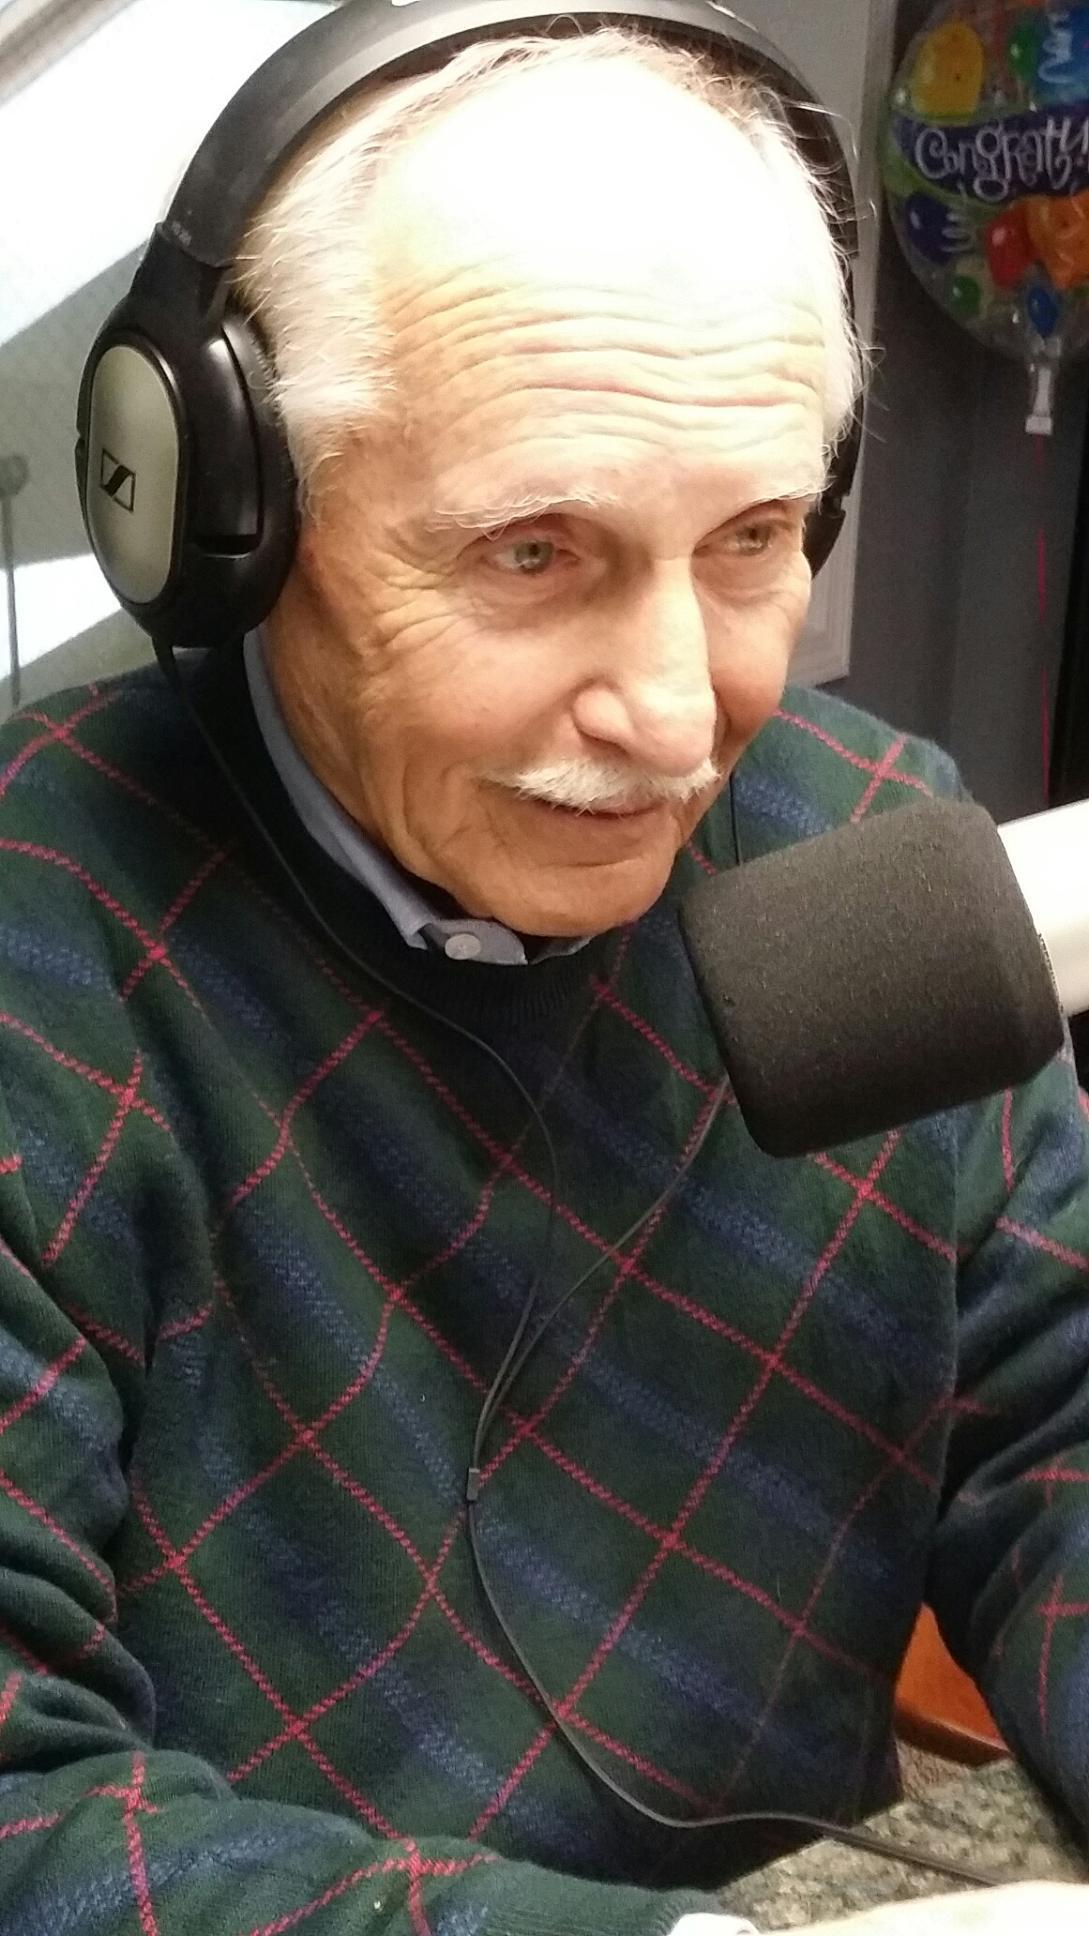 Glassner Provides Live Readings for Christmas